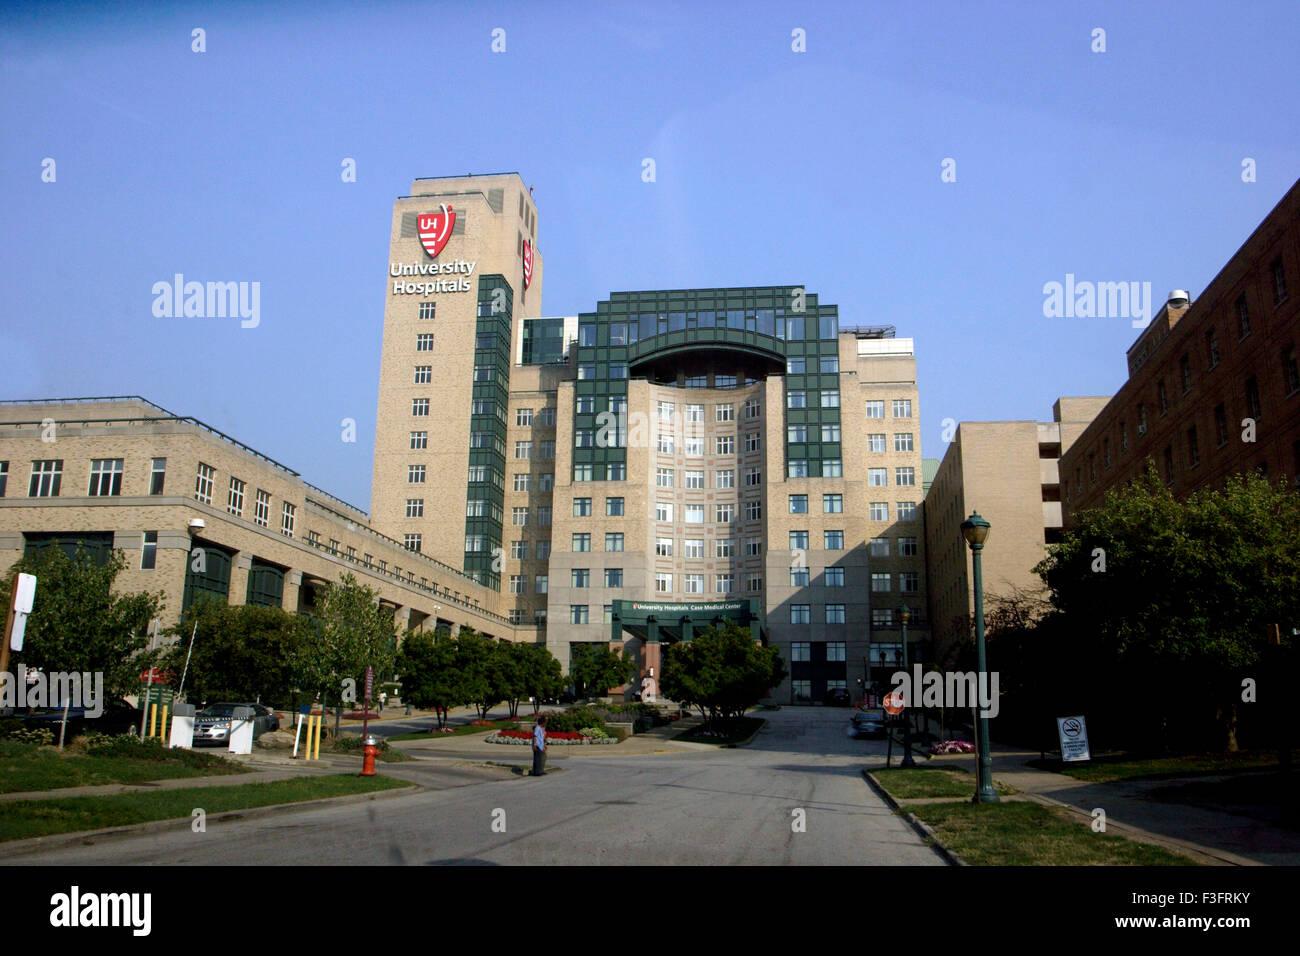 University Hospitals Stock Photos & University Hospitals Stock